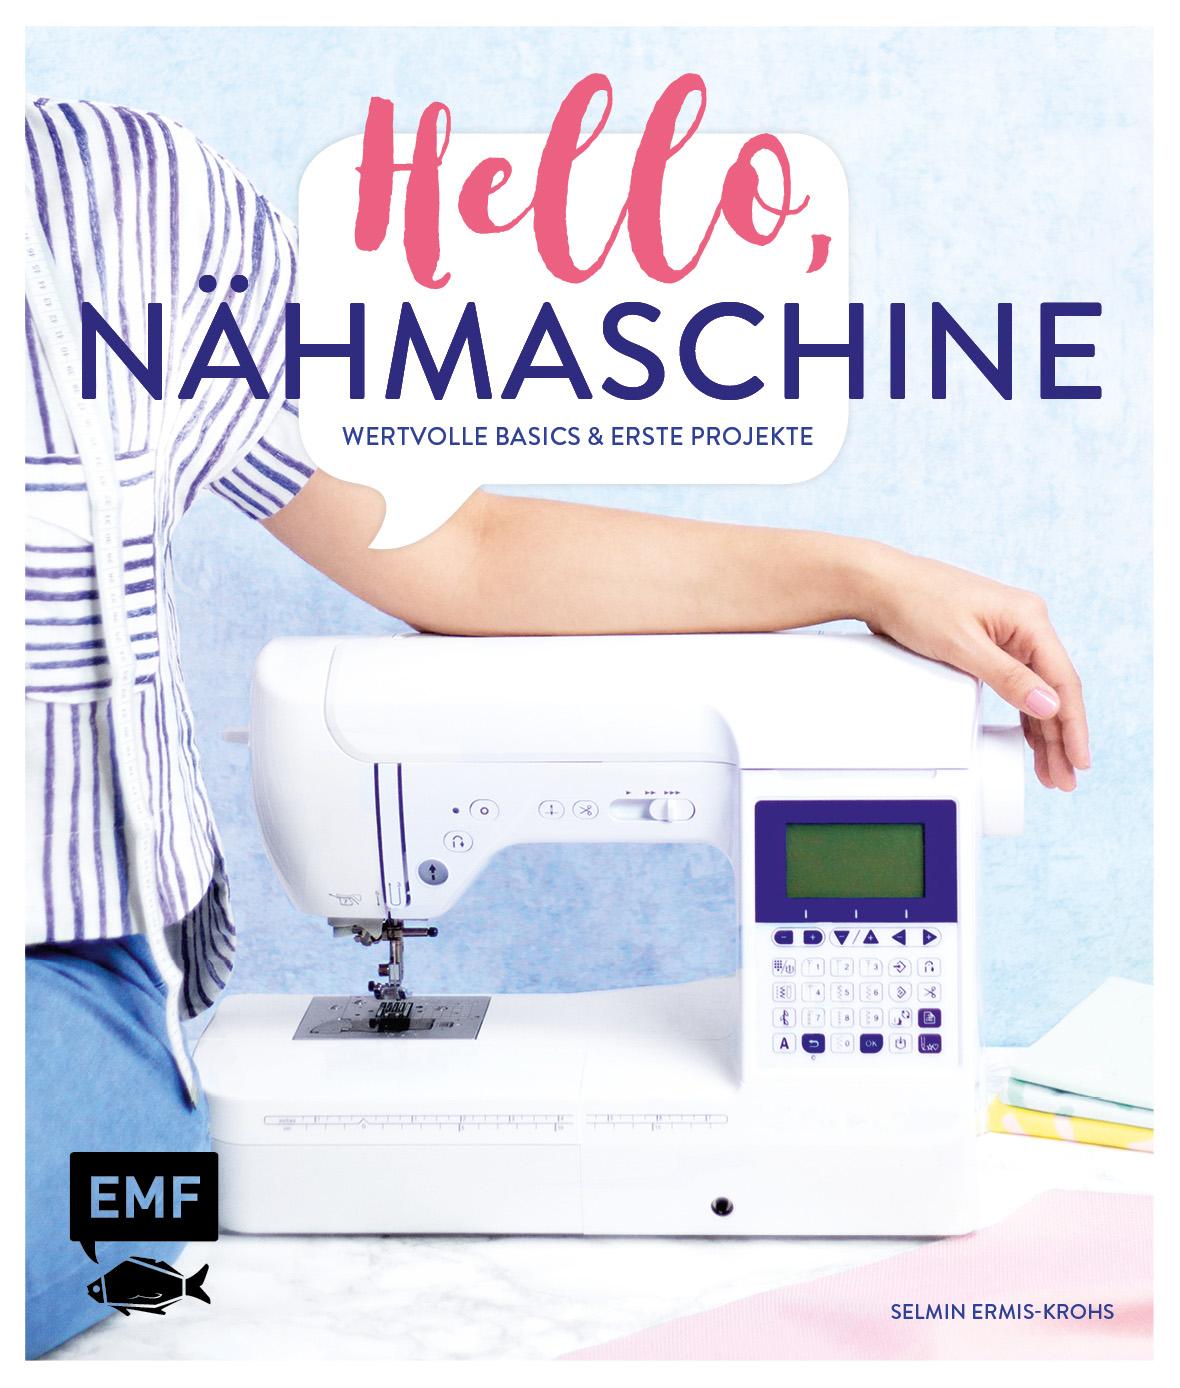 Hello, Nähmaschine